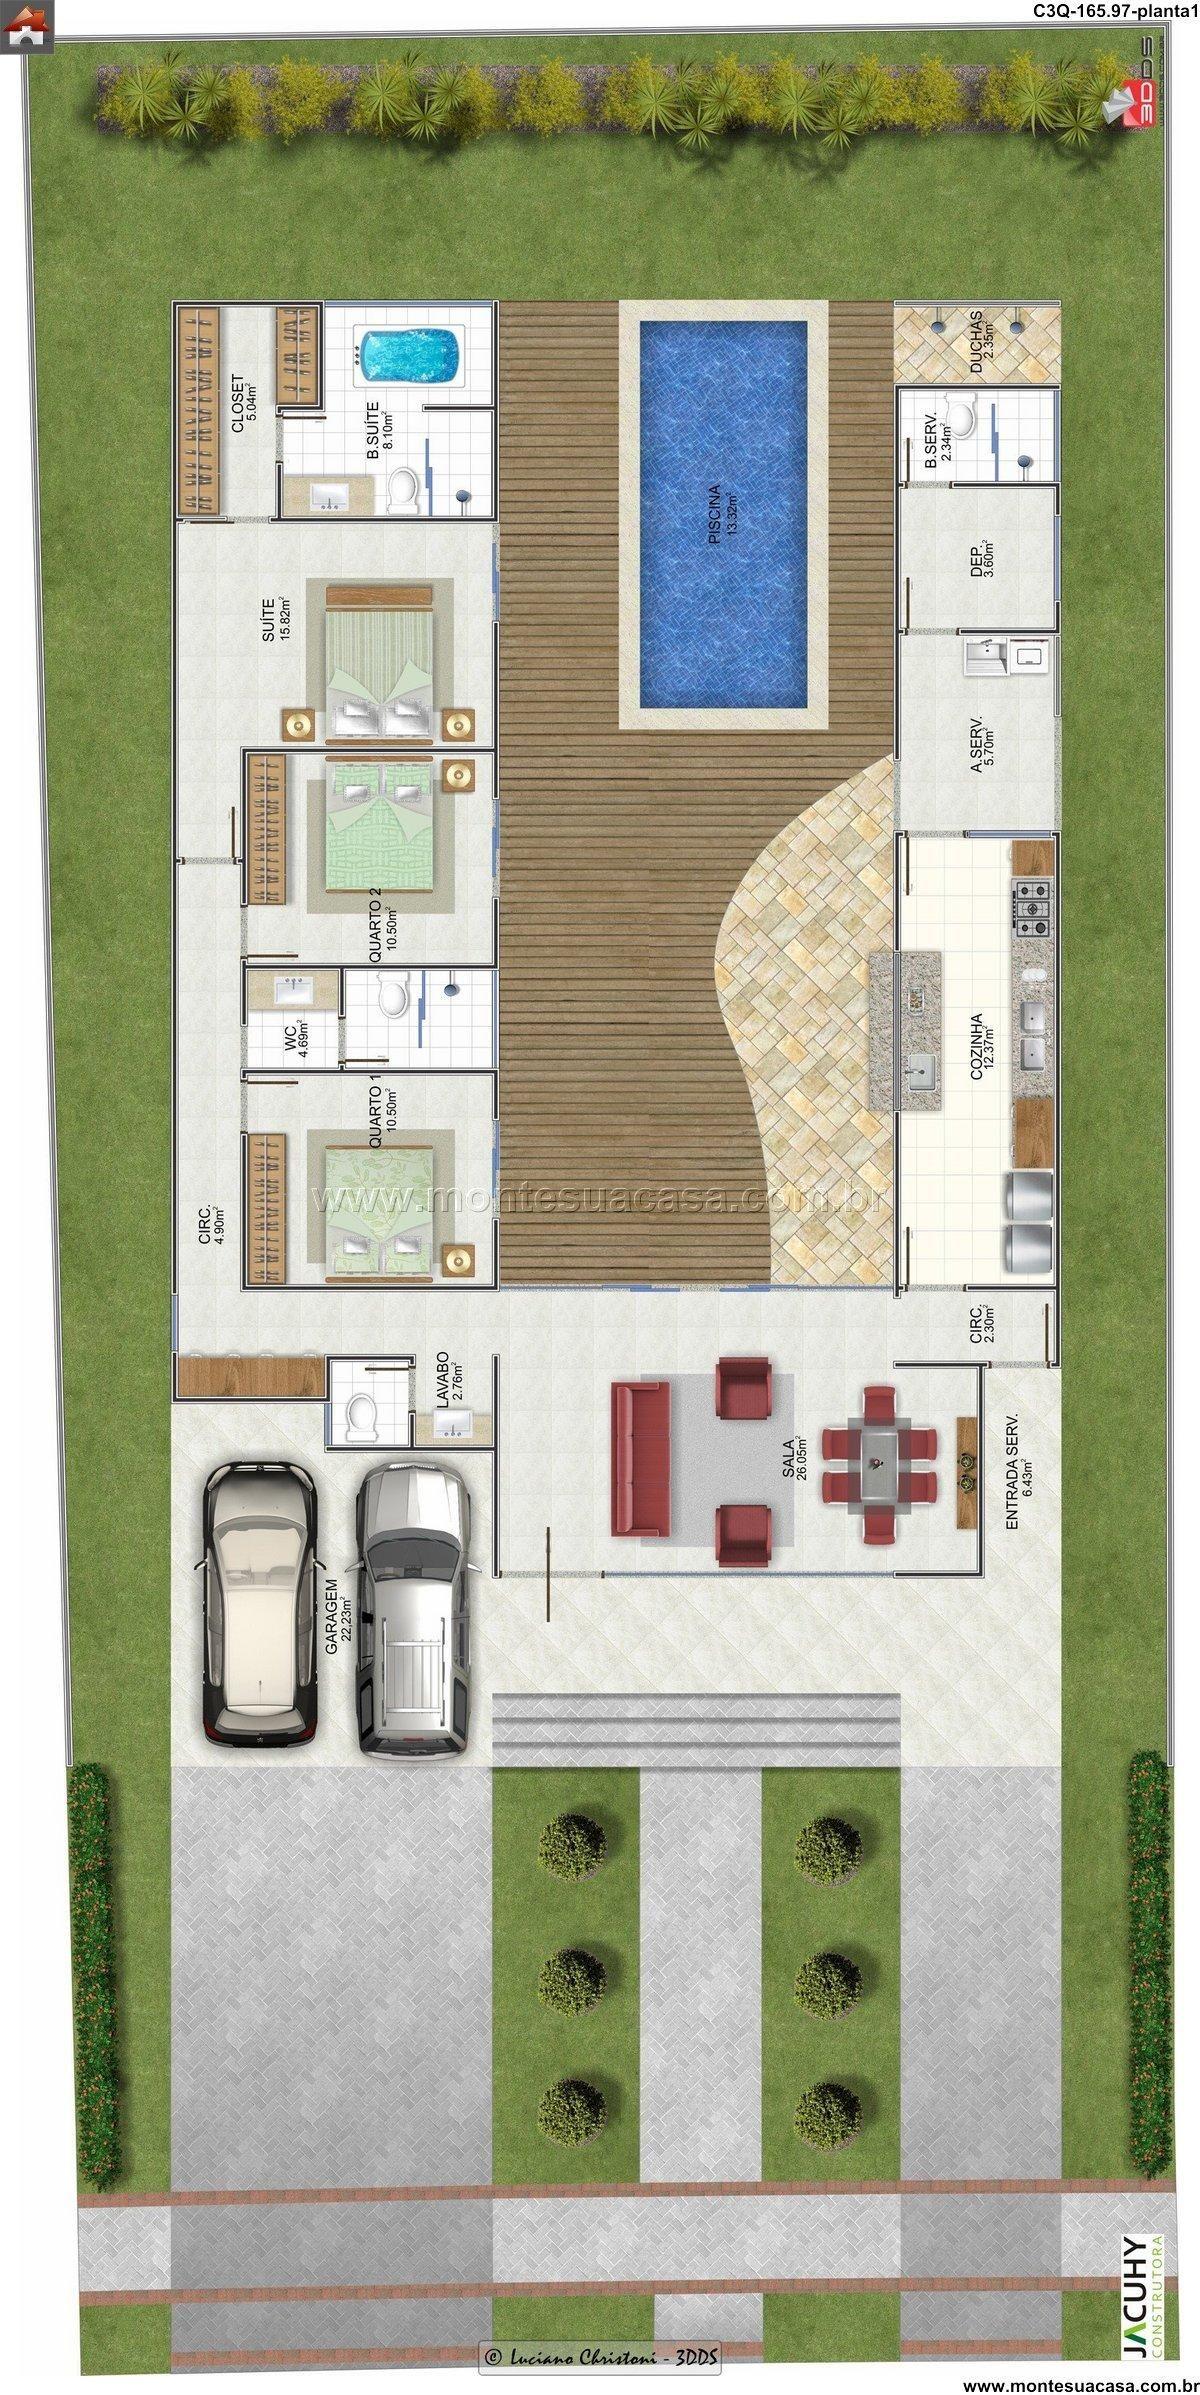 Planta de casa 3 quartos monte sua casa for Casa con piscina